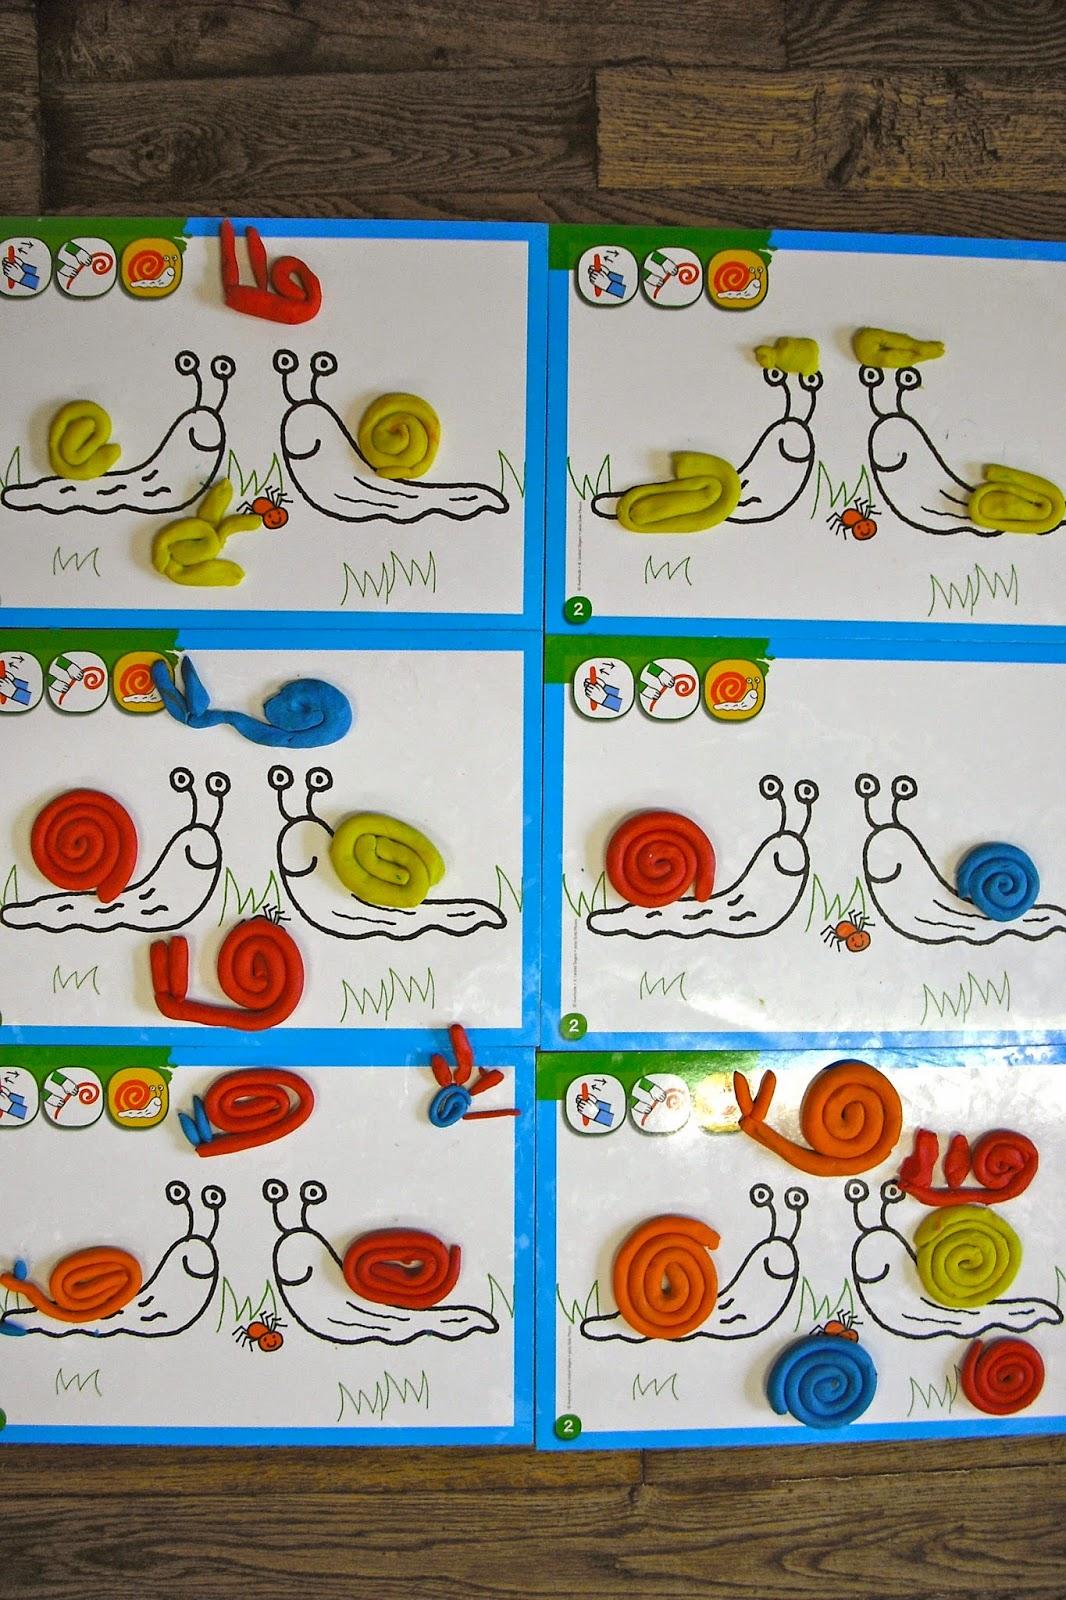 Ecole maternelle vitteaux les escargots - Escargot maternelle ...